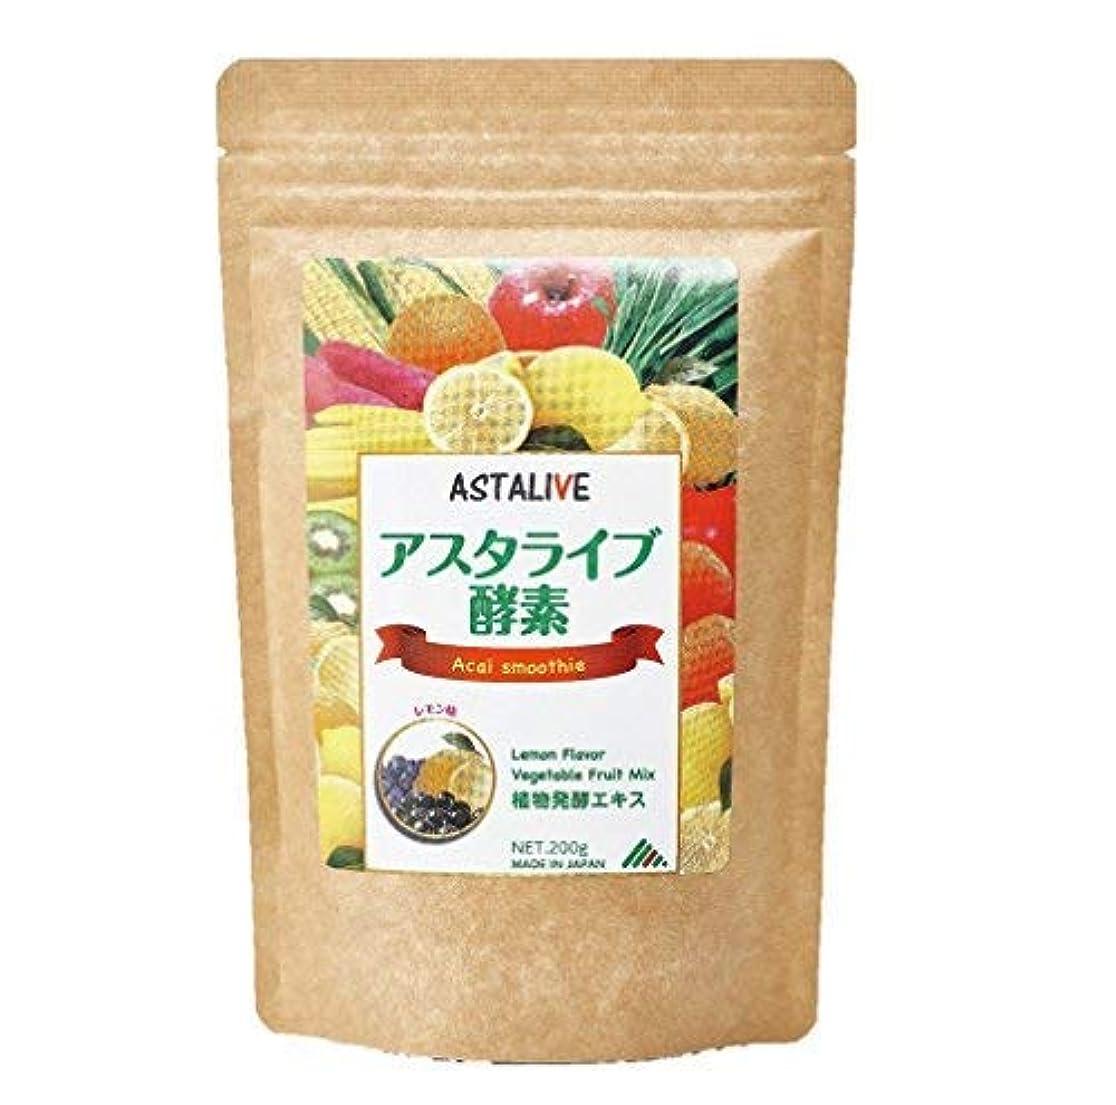 差別的花束スキルASTALIVE (アスタライブ) 酵素 スムージー チアシード 乳酸菌 麹菌 入り レモン味 200g (1)